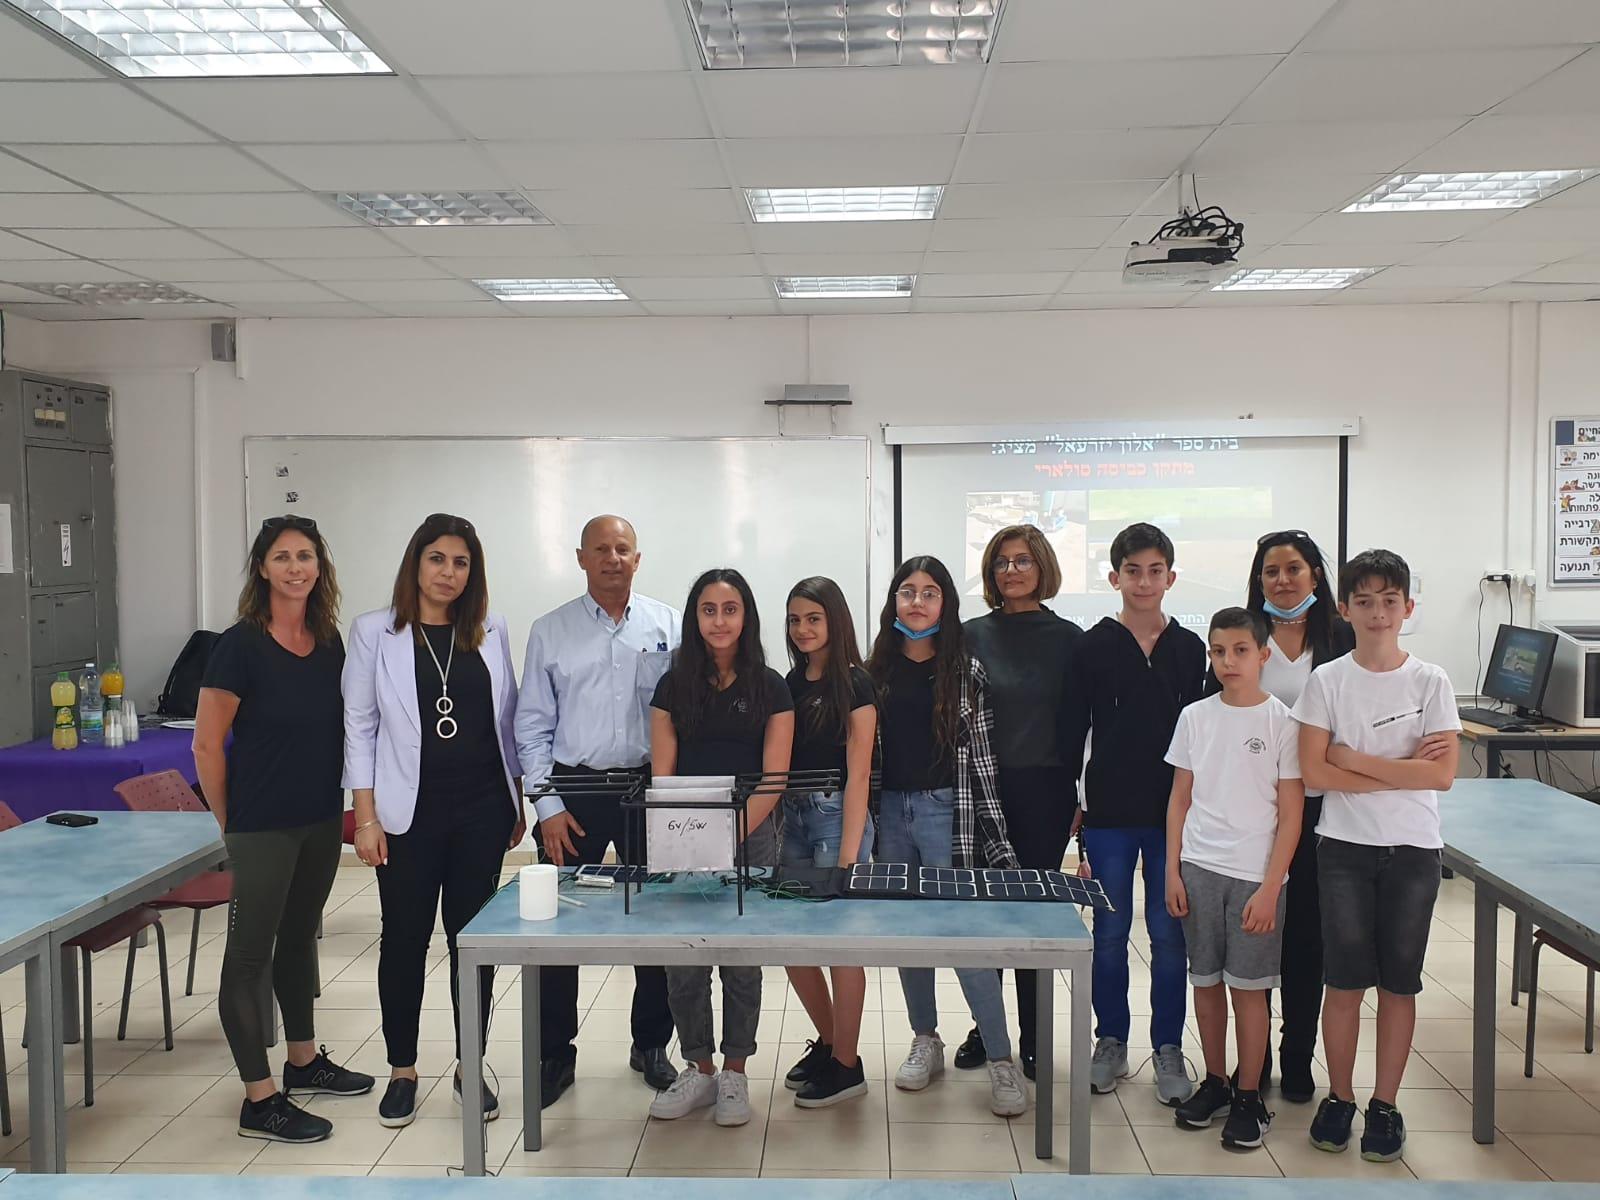 הסטארט-אפ המנצח של תלמידי 'אלון יזרעאל'